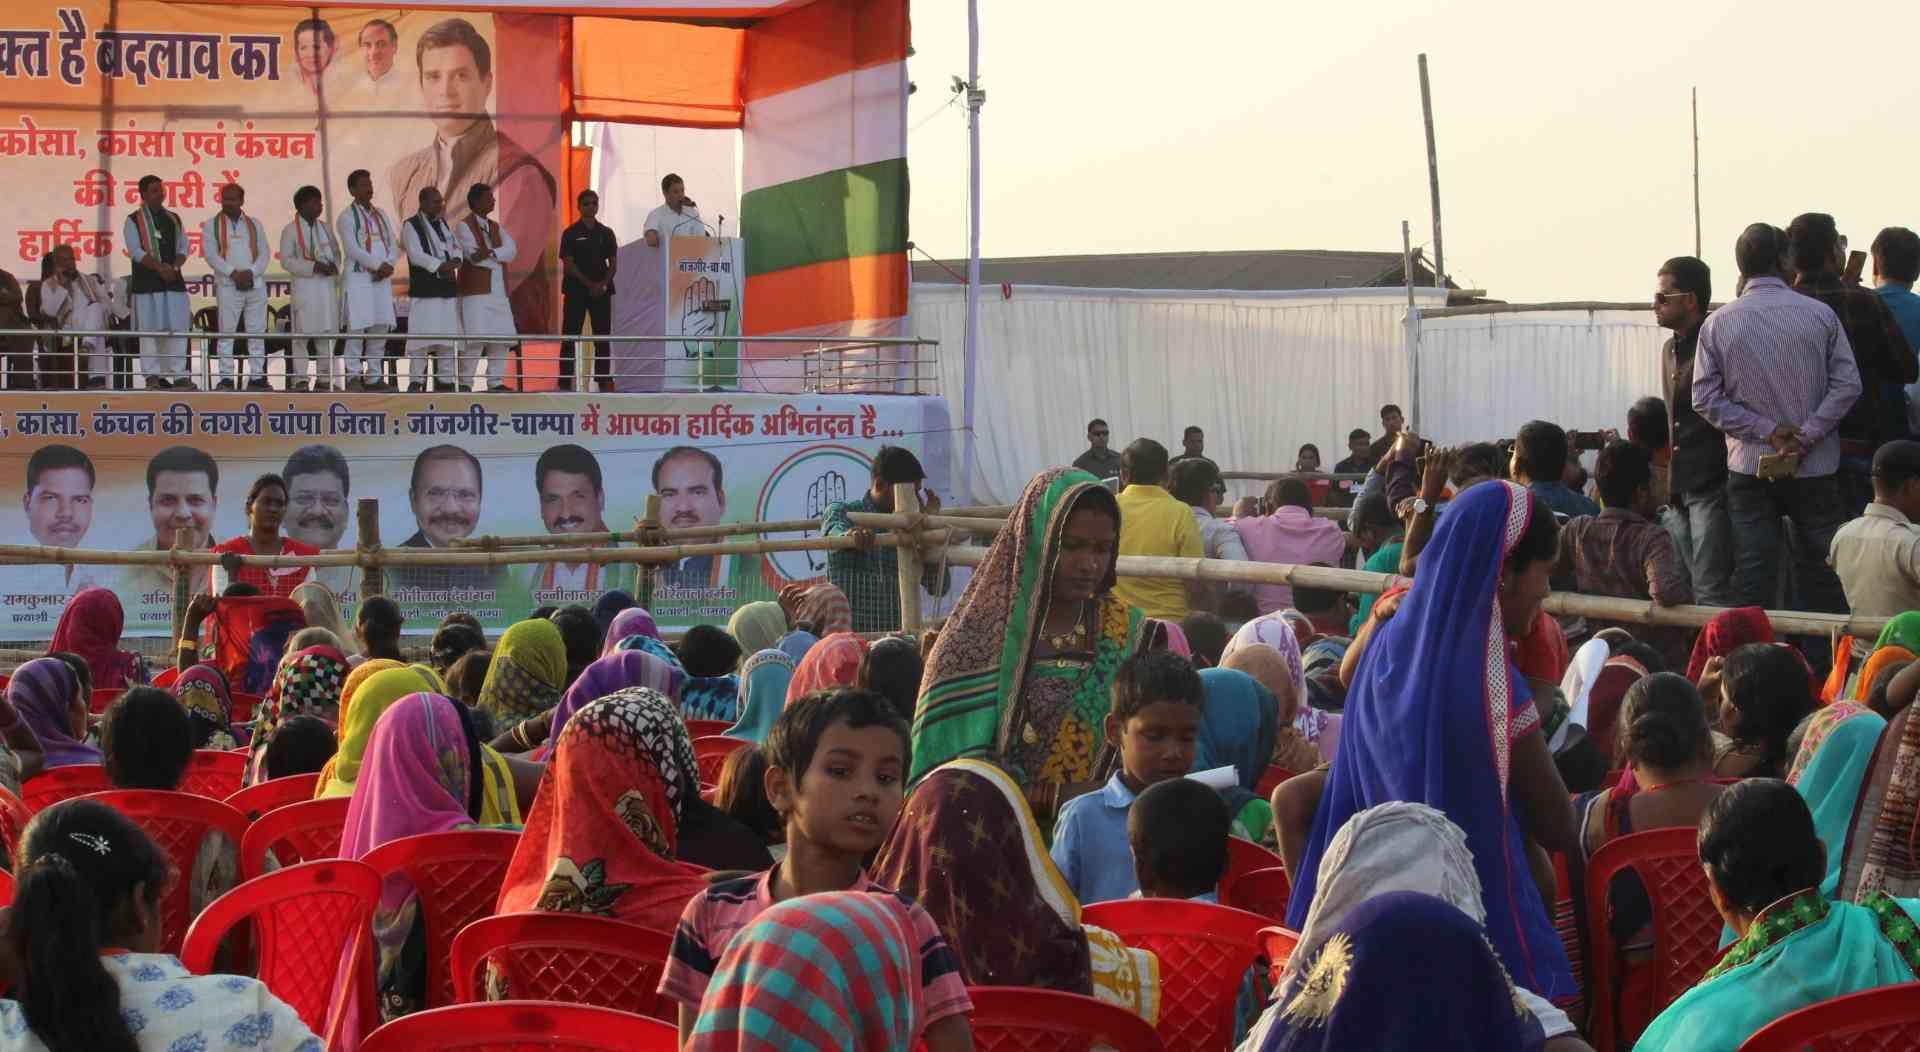 राहुल गांधी के भाषण के बीच सभा स्थल से जाती महिलाएं